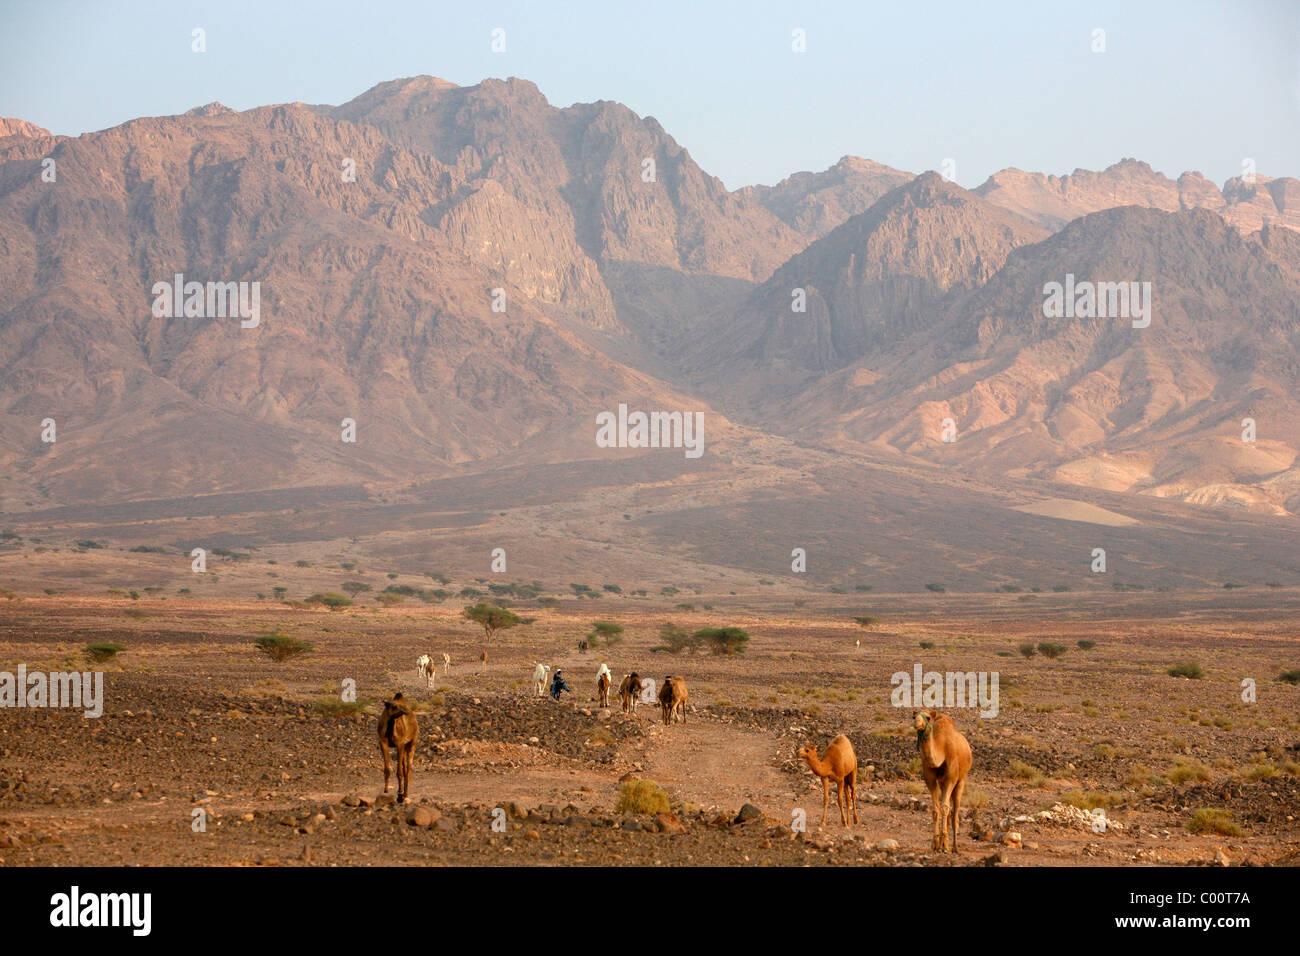 Kamele in Wadi Araba, Jordanien. Stockbild